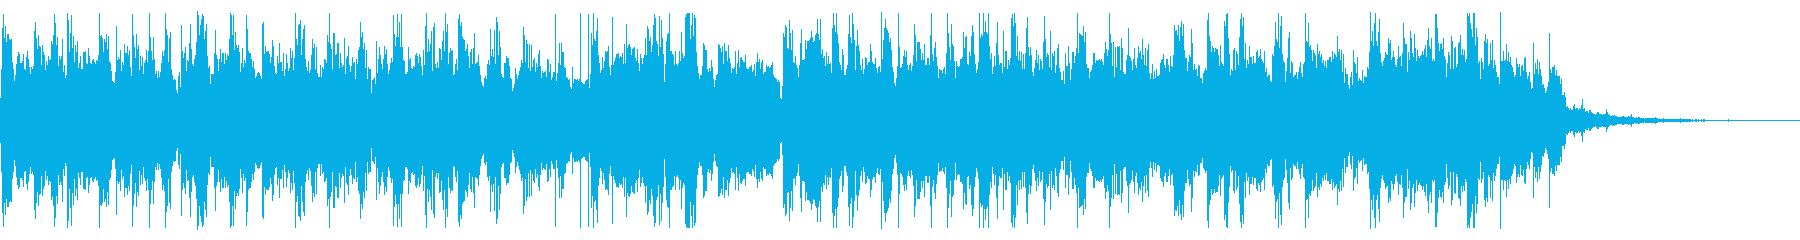 淡々とした工場での旋律の再生済みの波形